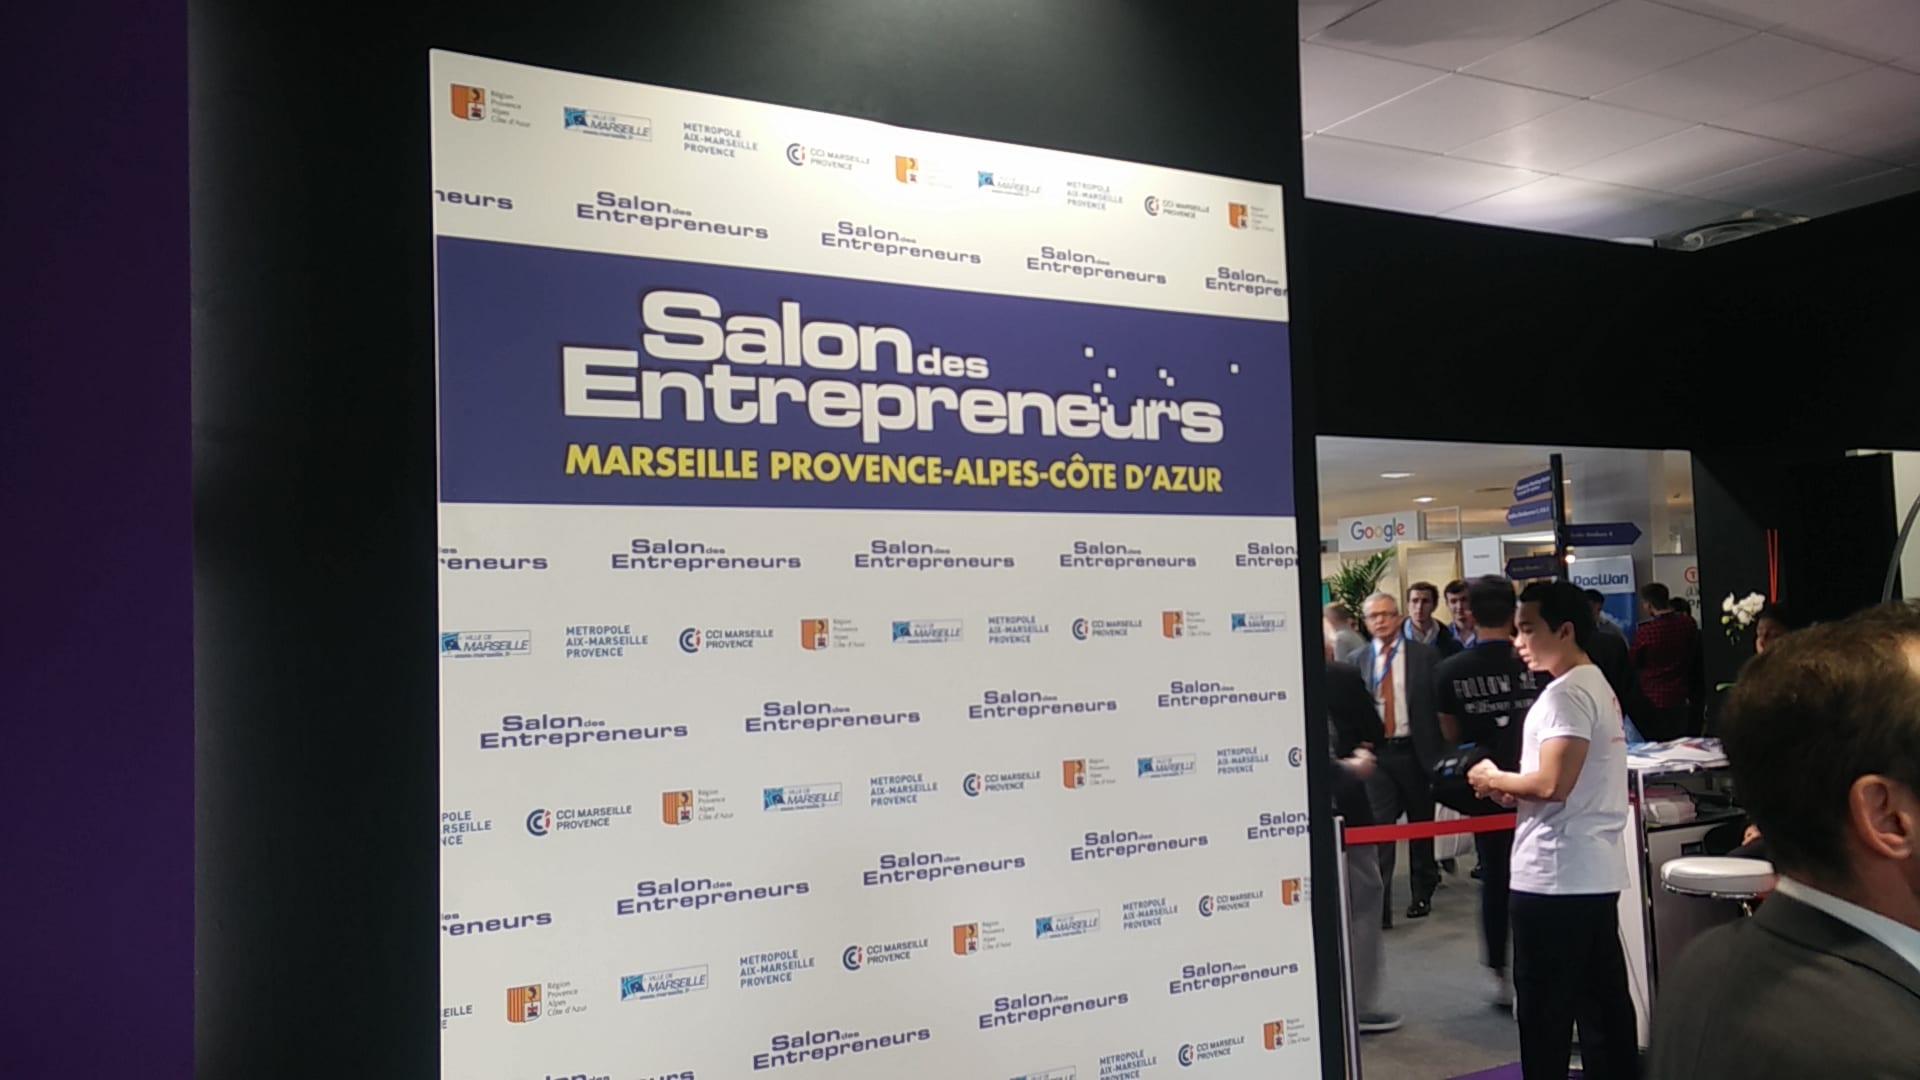 Salon entrepreneurs Marseille, site internet, référencement etréseaux sociaux